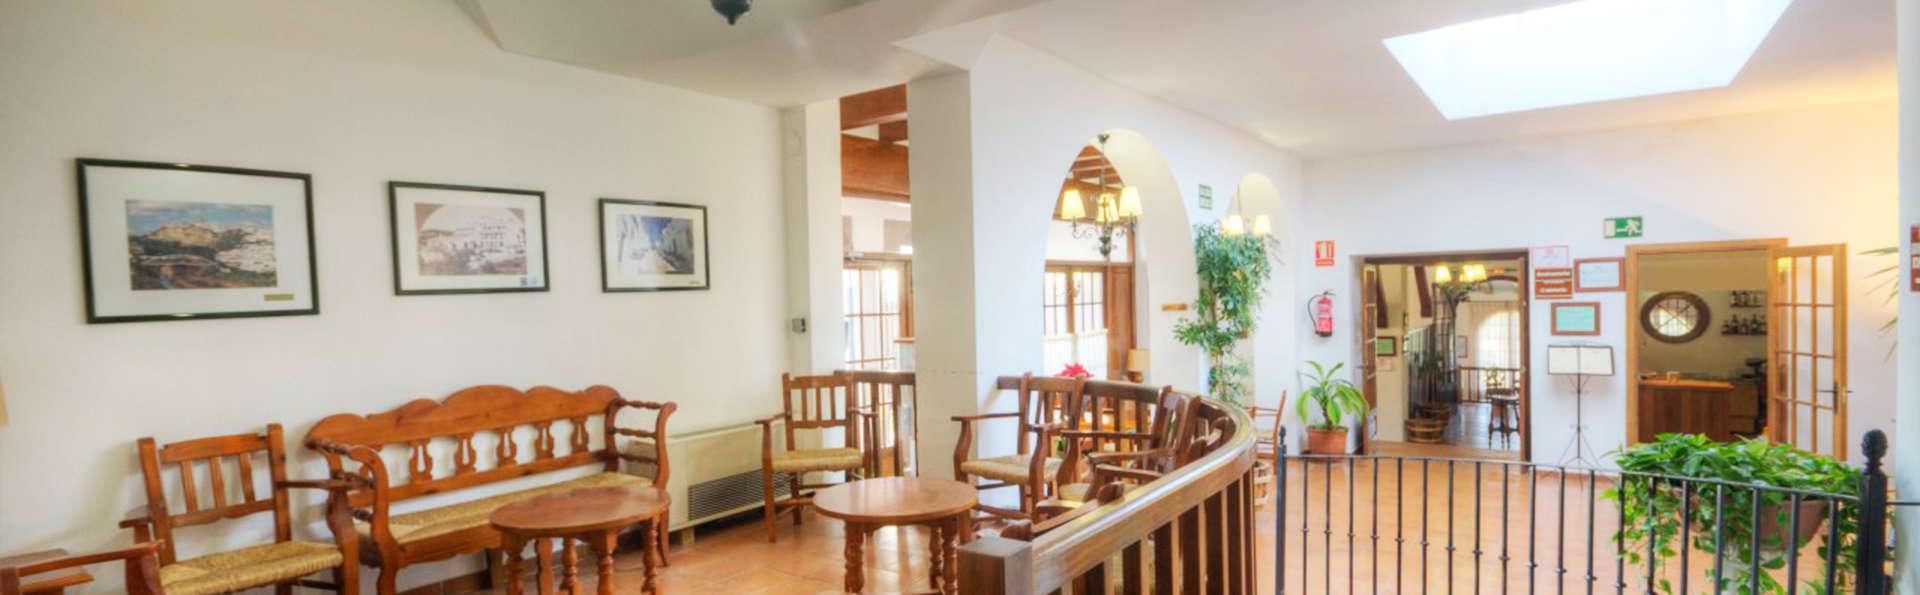 Hotel Villa de Algar - EDIT_lobby.jpg